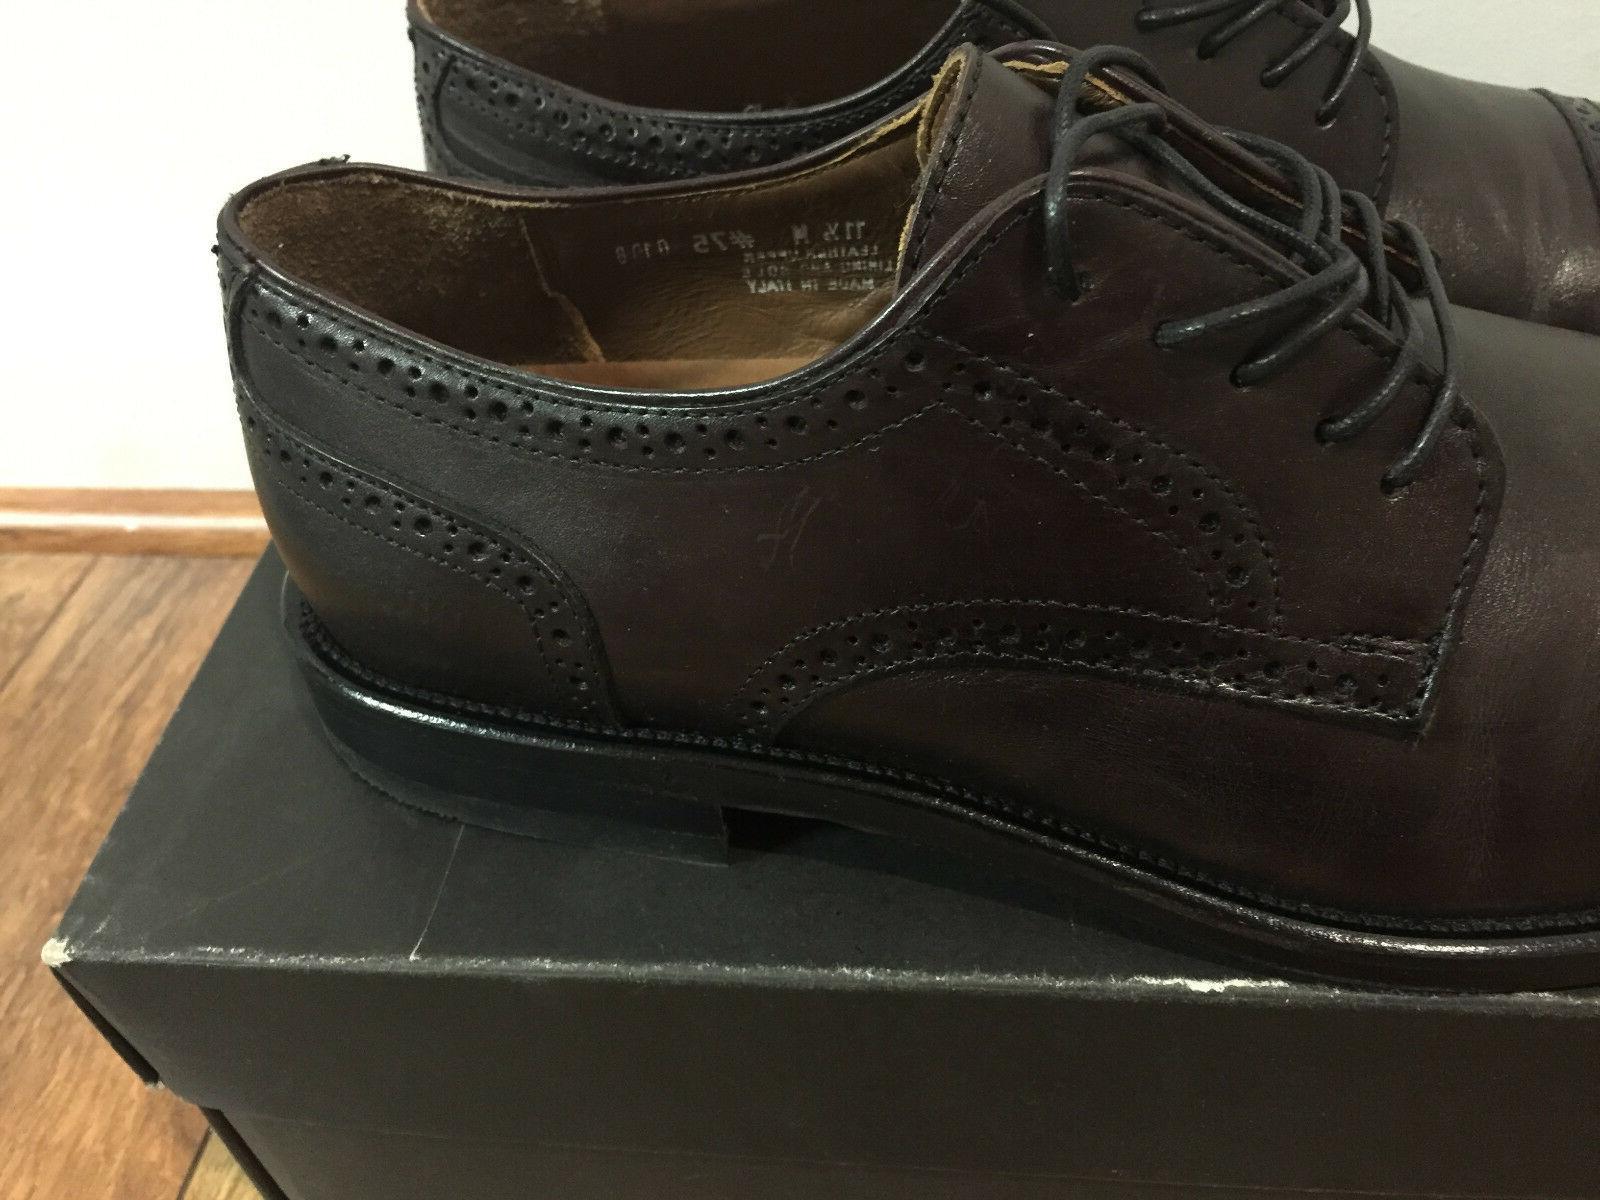 Bostonian Burgundy Oxford Dress Shoes 24017, Size